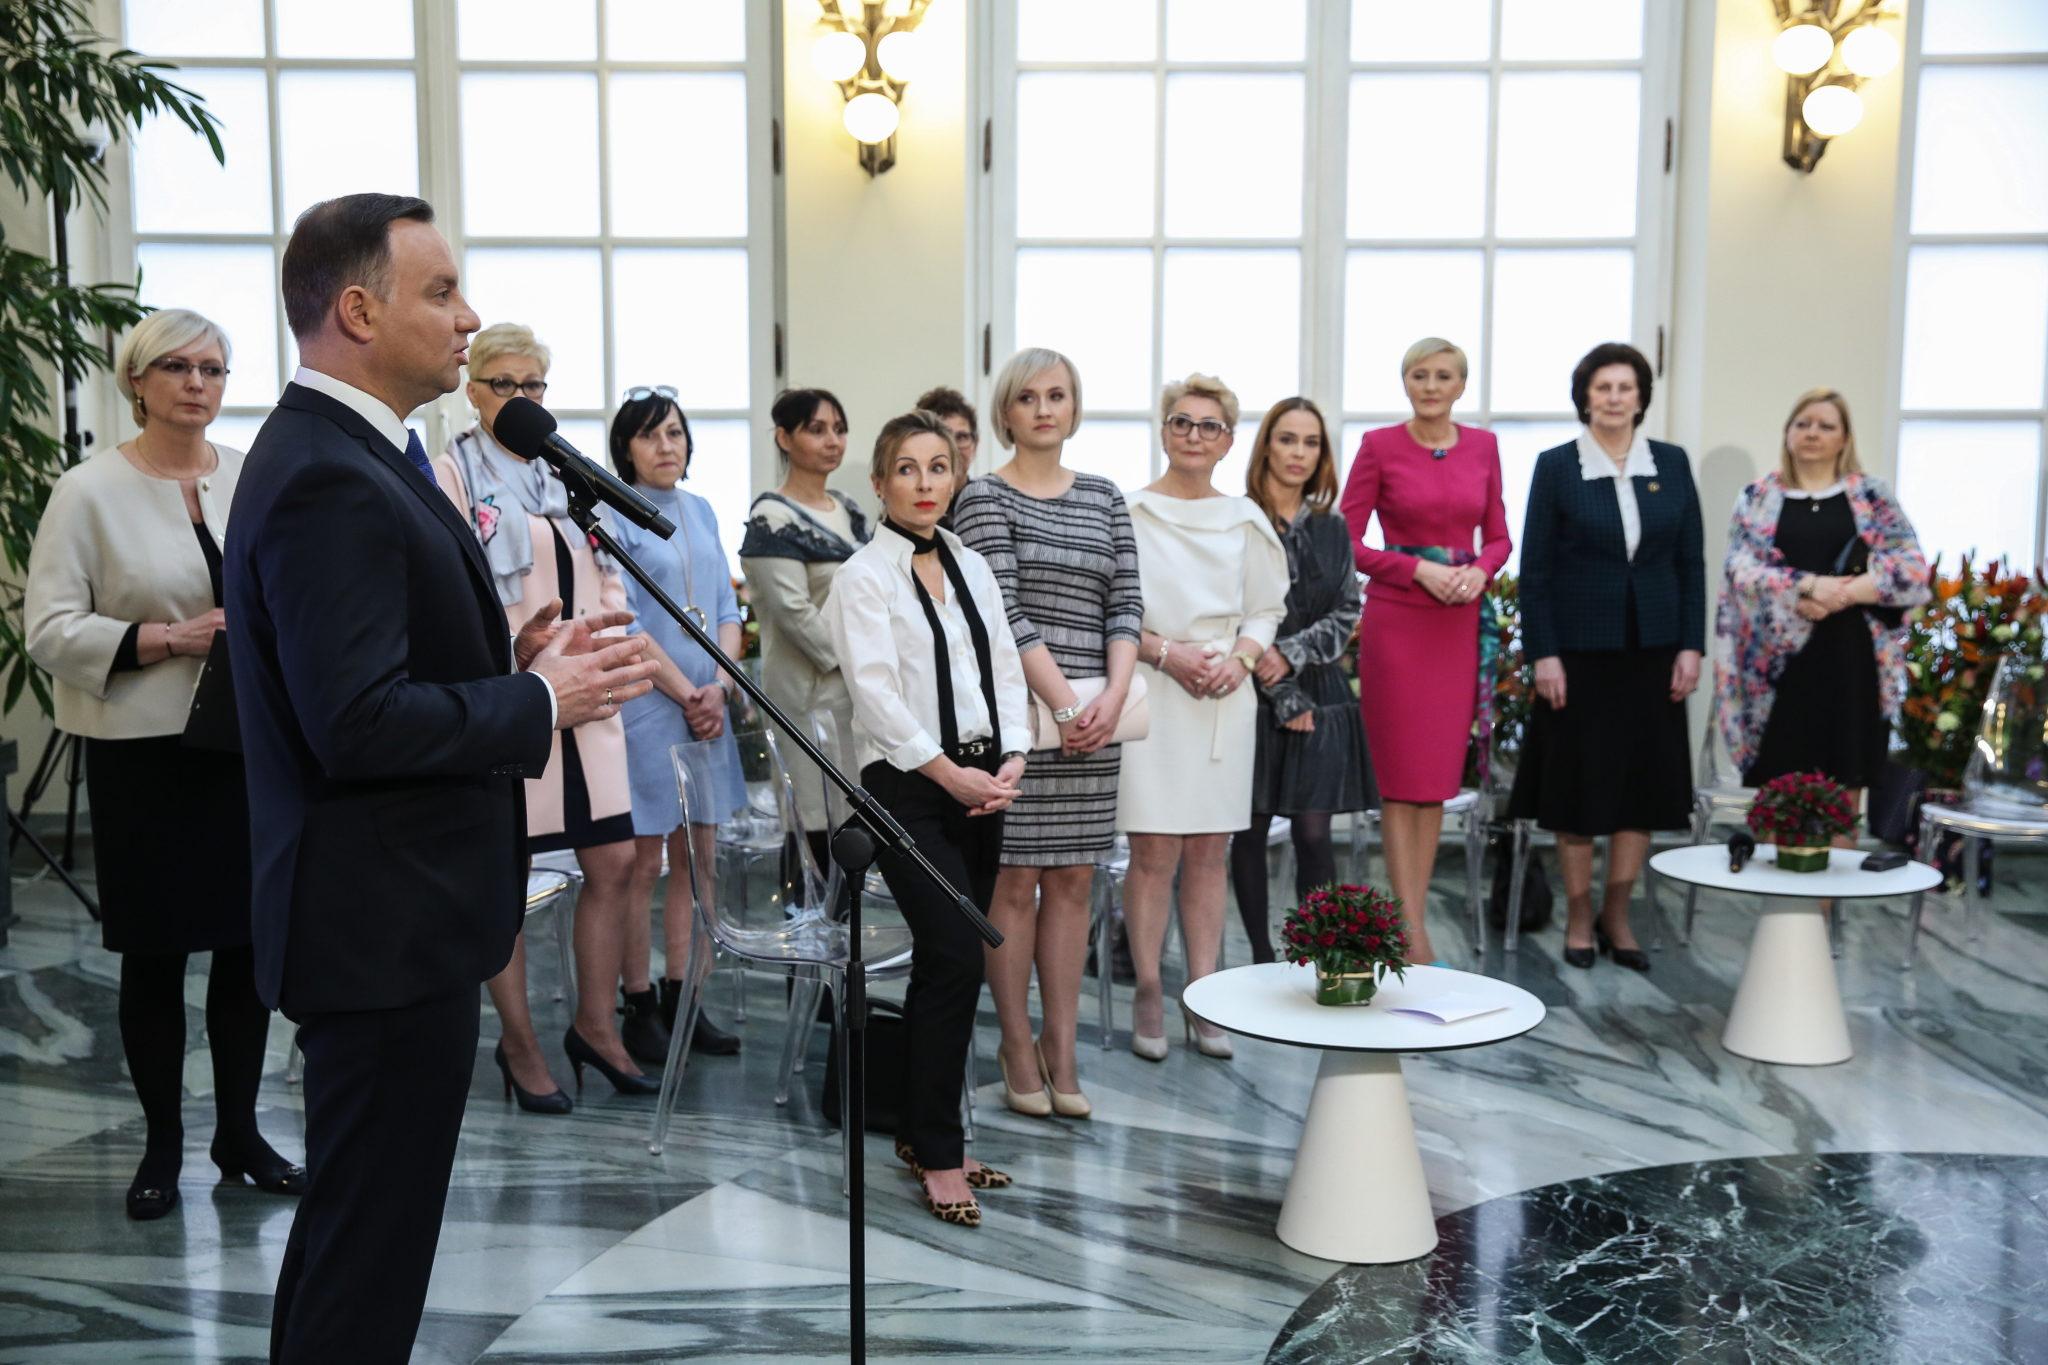 Polska: spotkanie Pary Prezydenckiej z przedstawicielkami kobiet w Pałacu Prezydenckim z okazji dnia kobiet (foto. PAP/Rafał Guz)